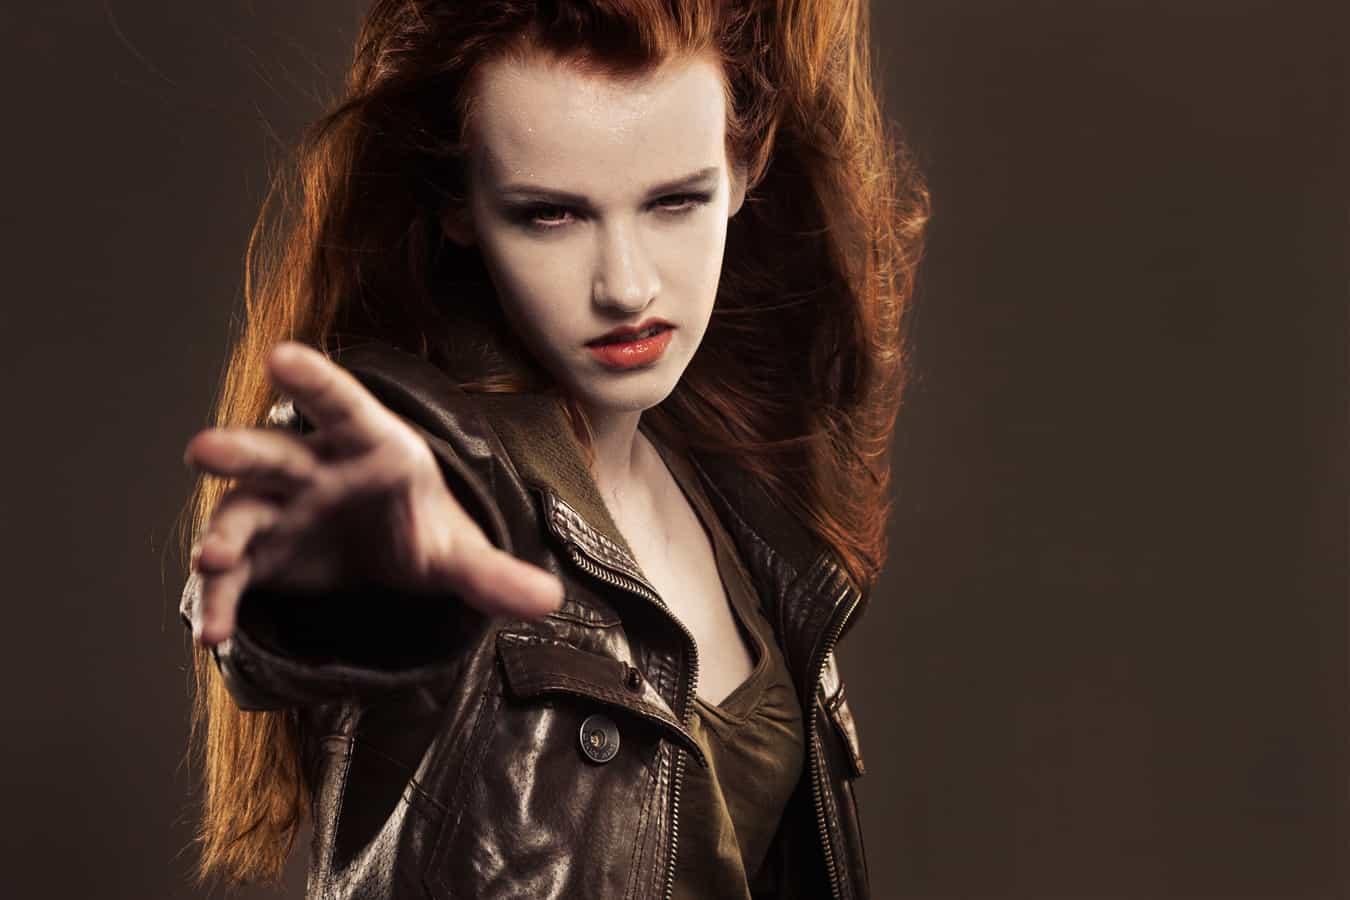 Schminkanleitung für ein elegantes Vampir Make up